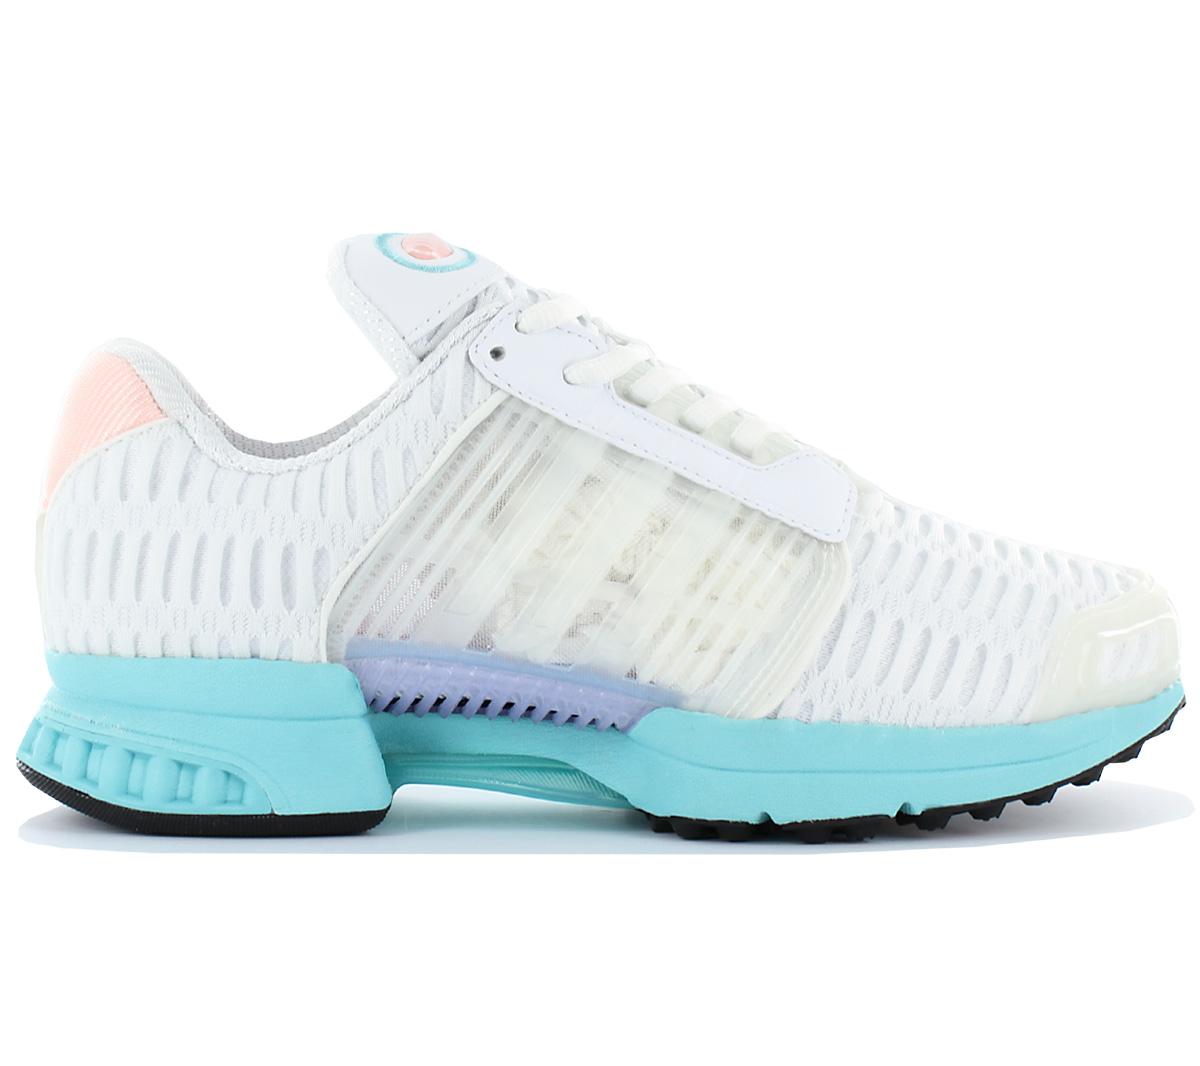 167df2a43497ab adidas Climacool 1 W Damen Sneaker Schuhe Weiß Turnschuhe Laufschuhe ...